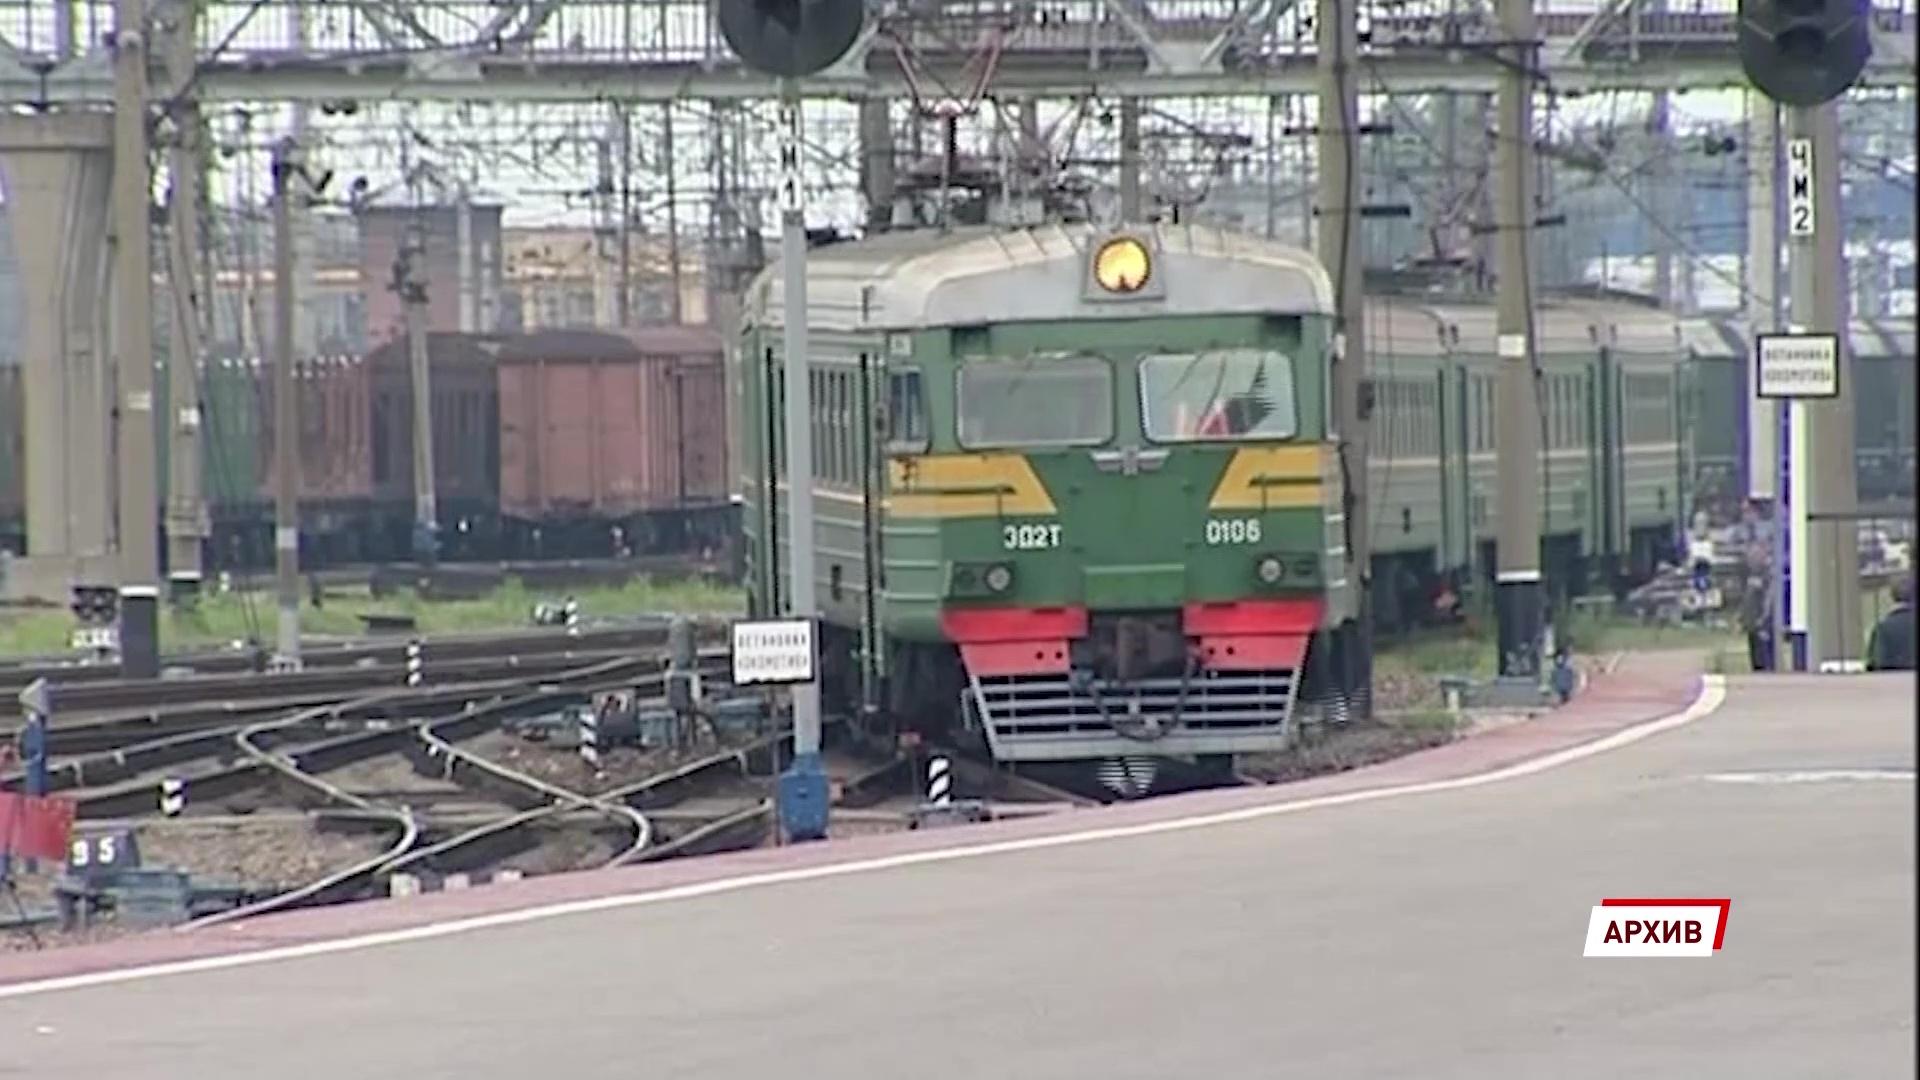 В Ярославле грузовой поезд сбил человека